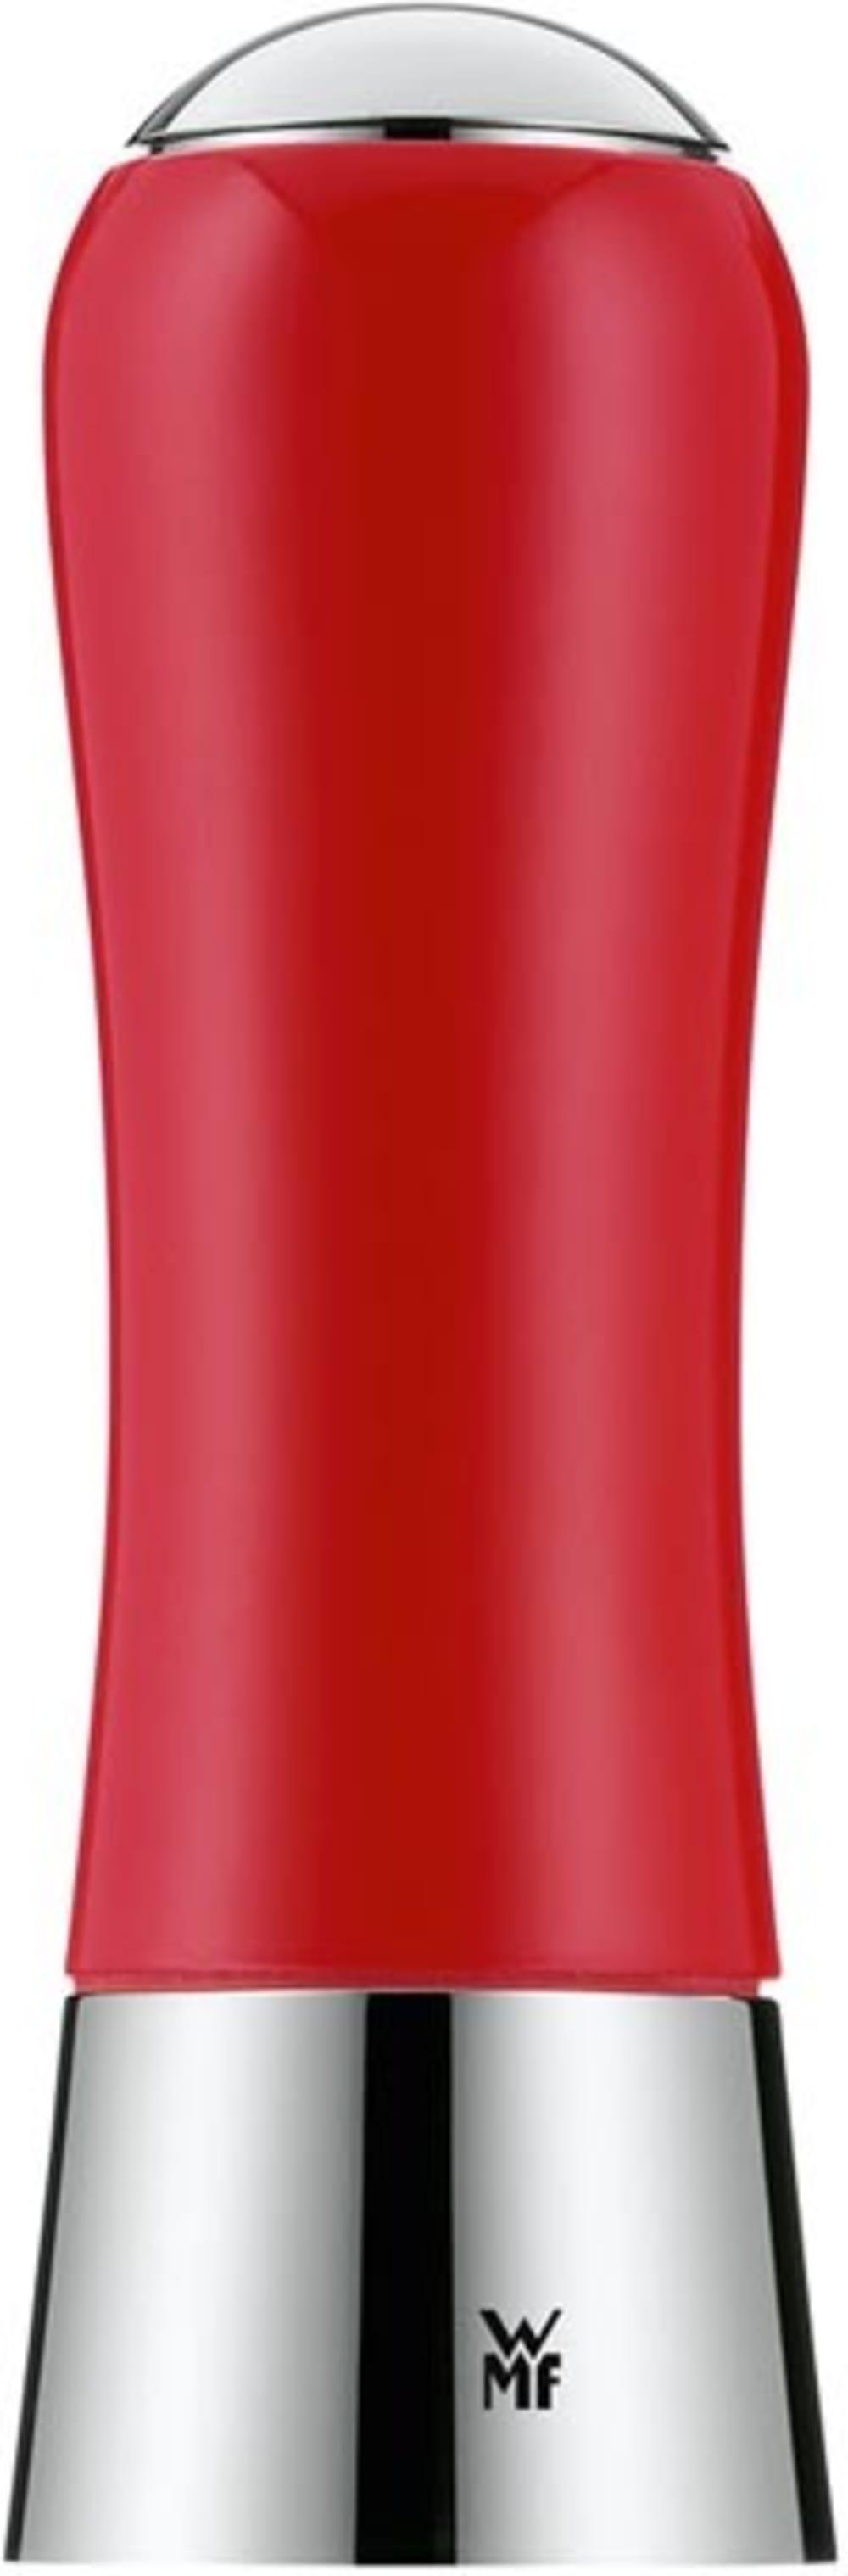 WMF- Młynek do przypraw, czerwony, Ceramill Natura